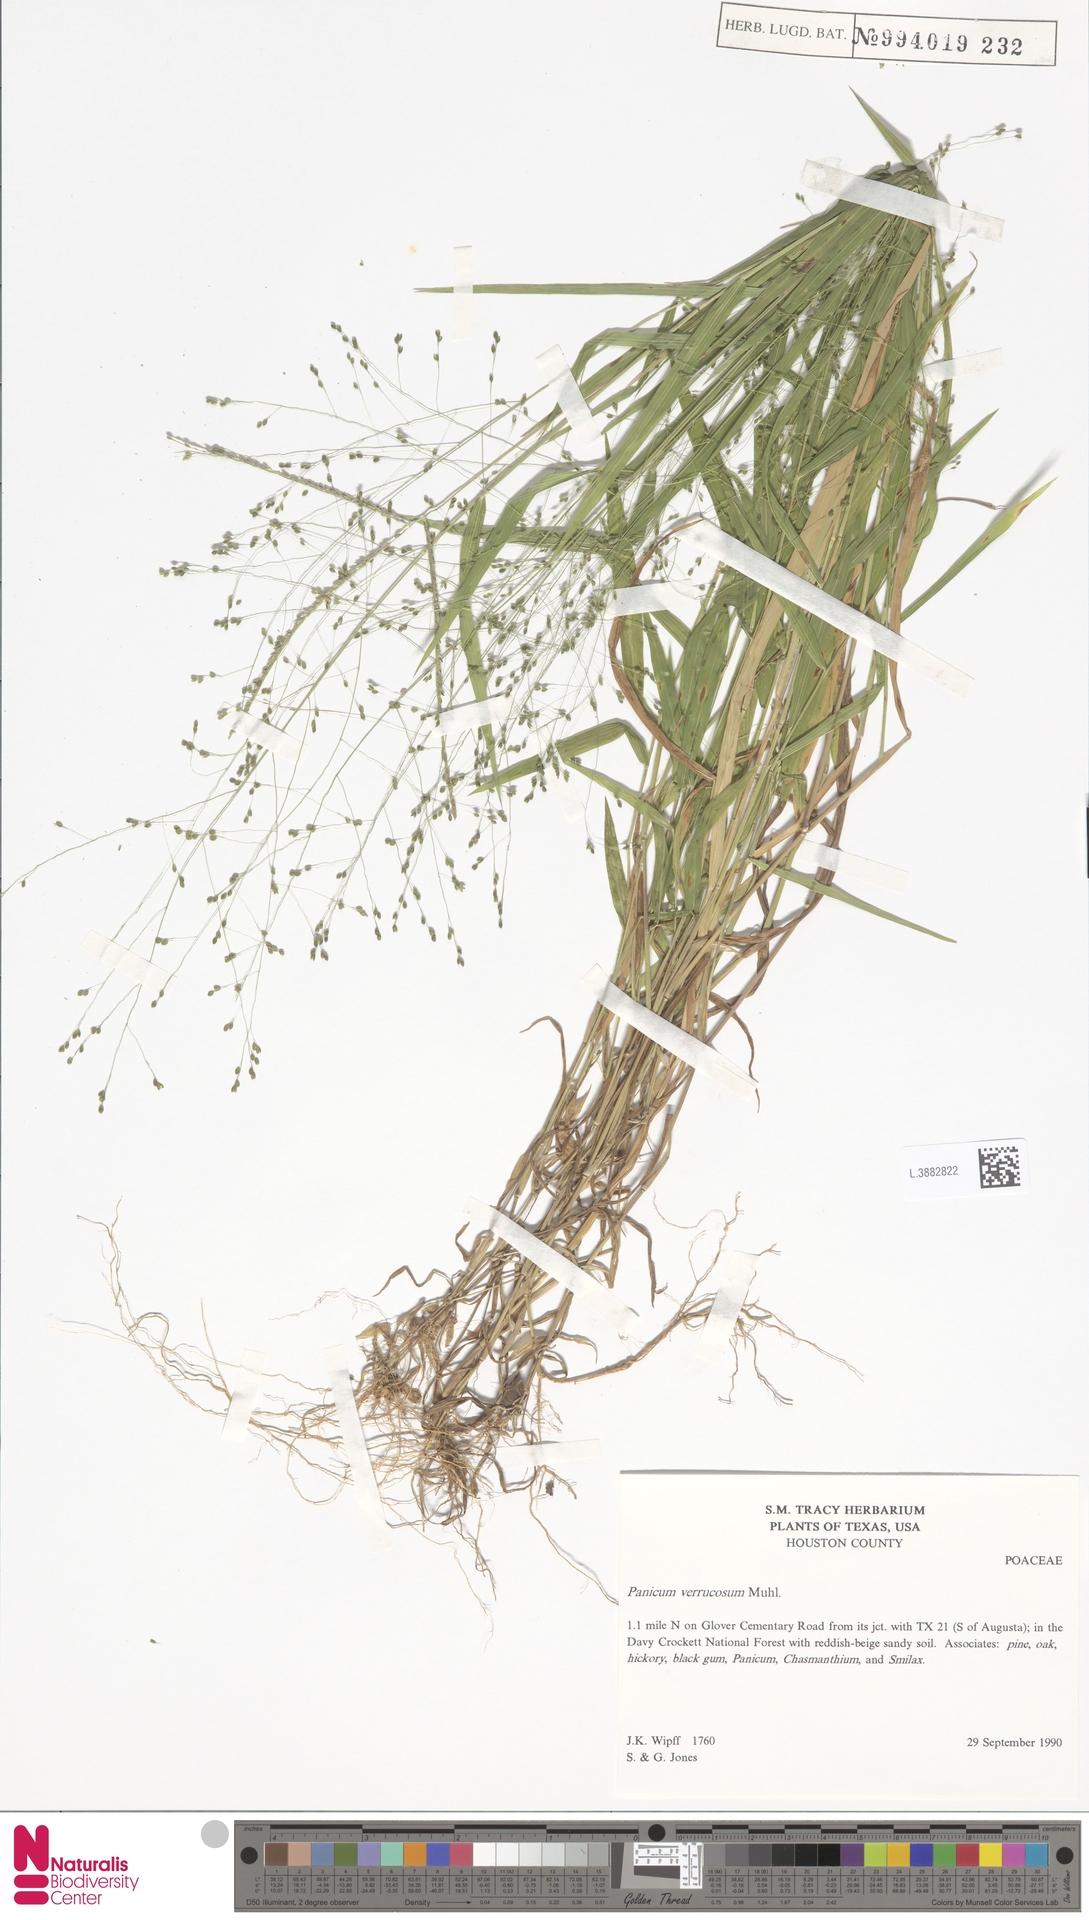 L.3882822 | Panicum verrucosum Muhl.